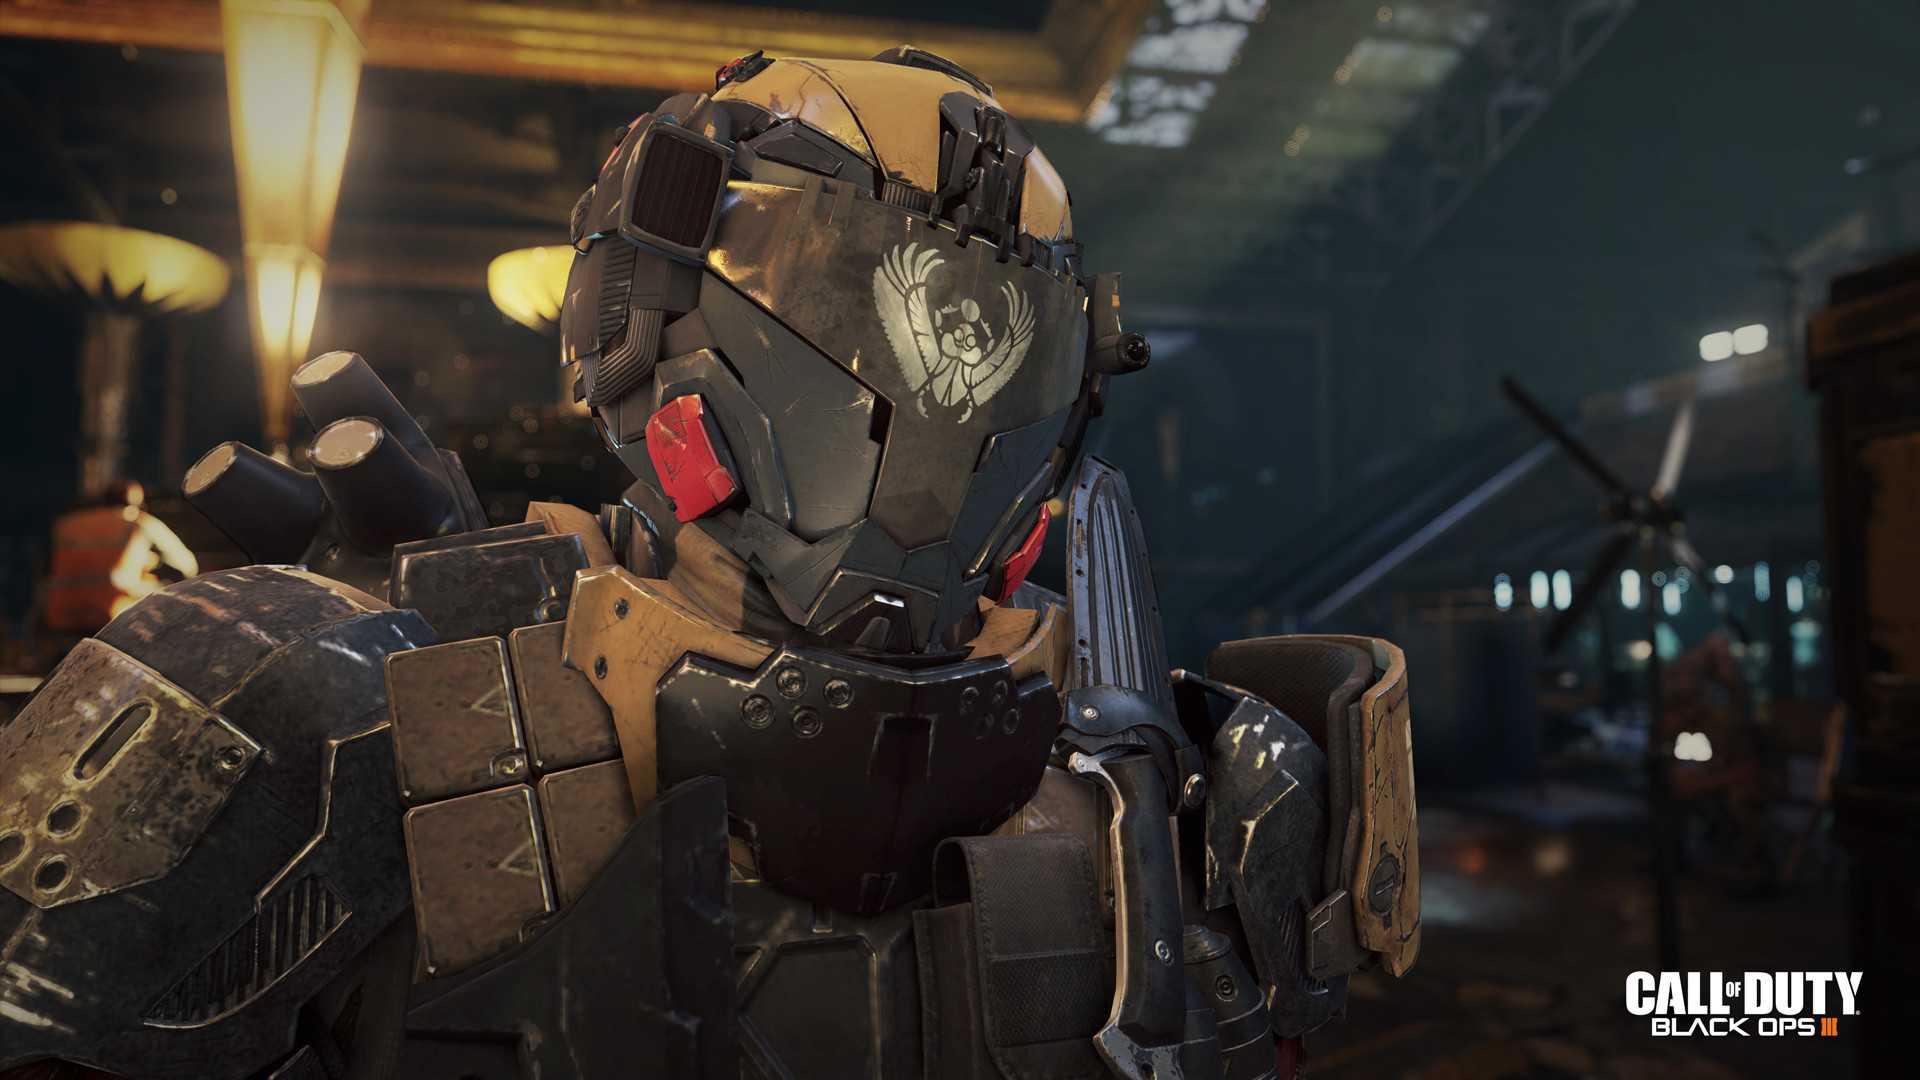 Купить Call of Duty. Black Ops III со скидкой дешевле, чем в Steam